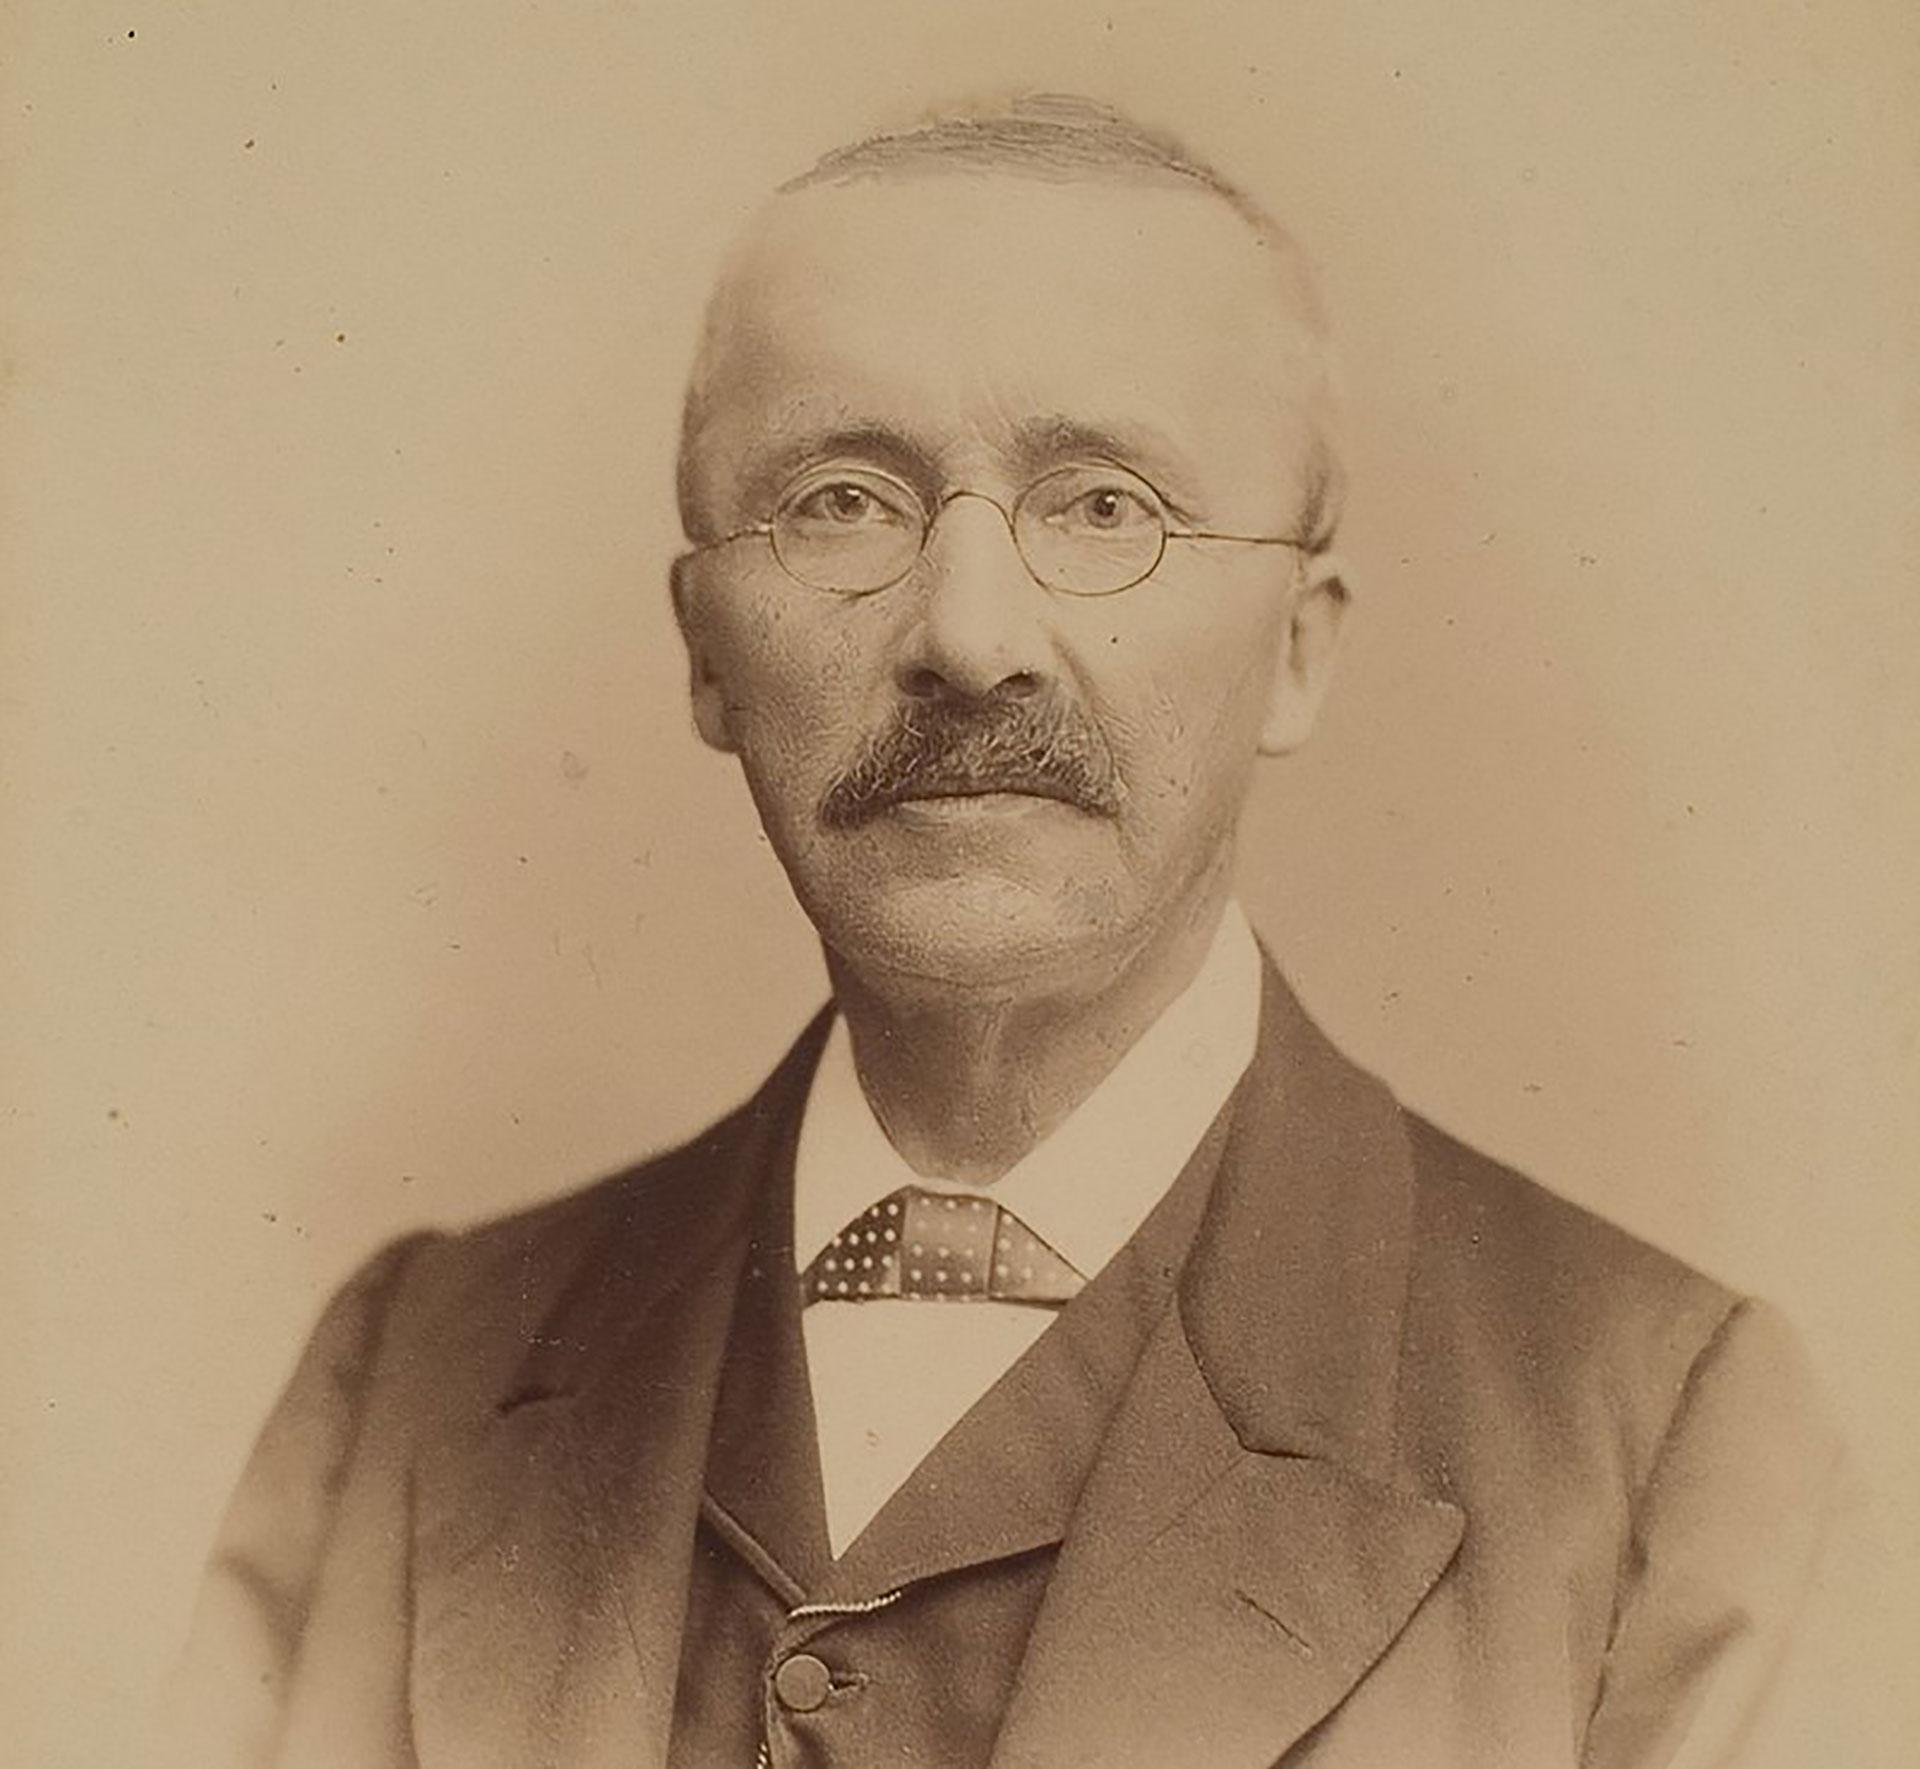 El millonario y arqueólogo prusiano Heinrich Schliemann